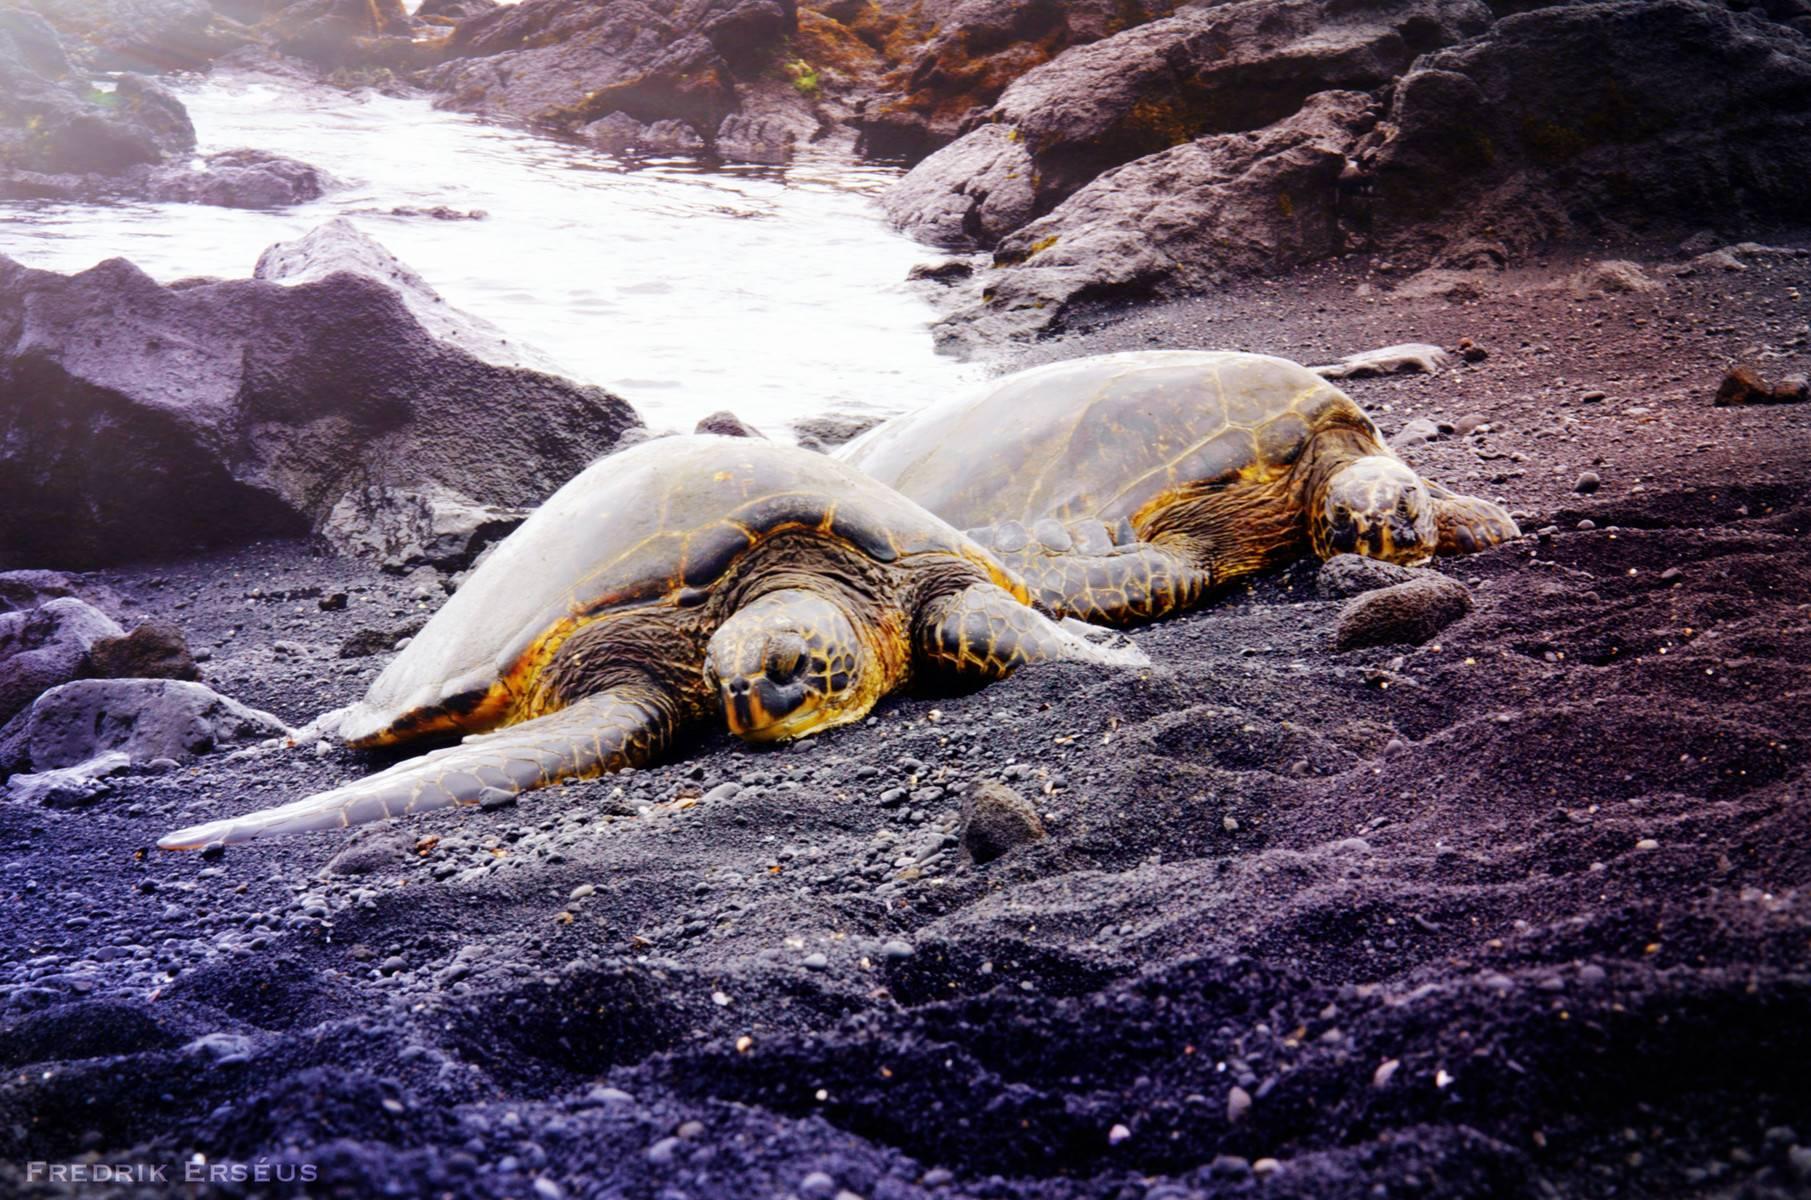 4-Day Hawai Tour Package From Hilo to Honolulu: Big Island & Maui